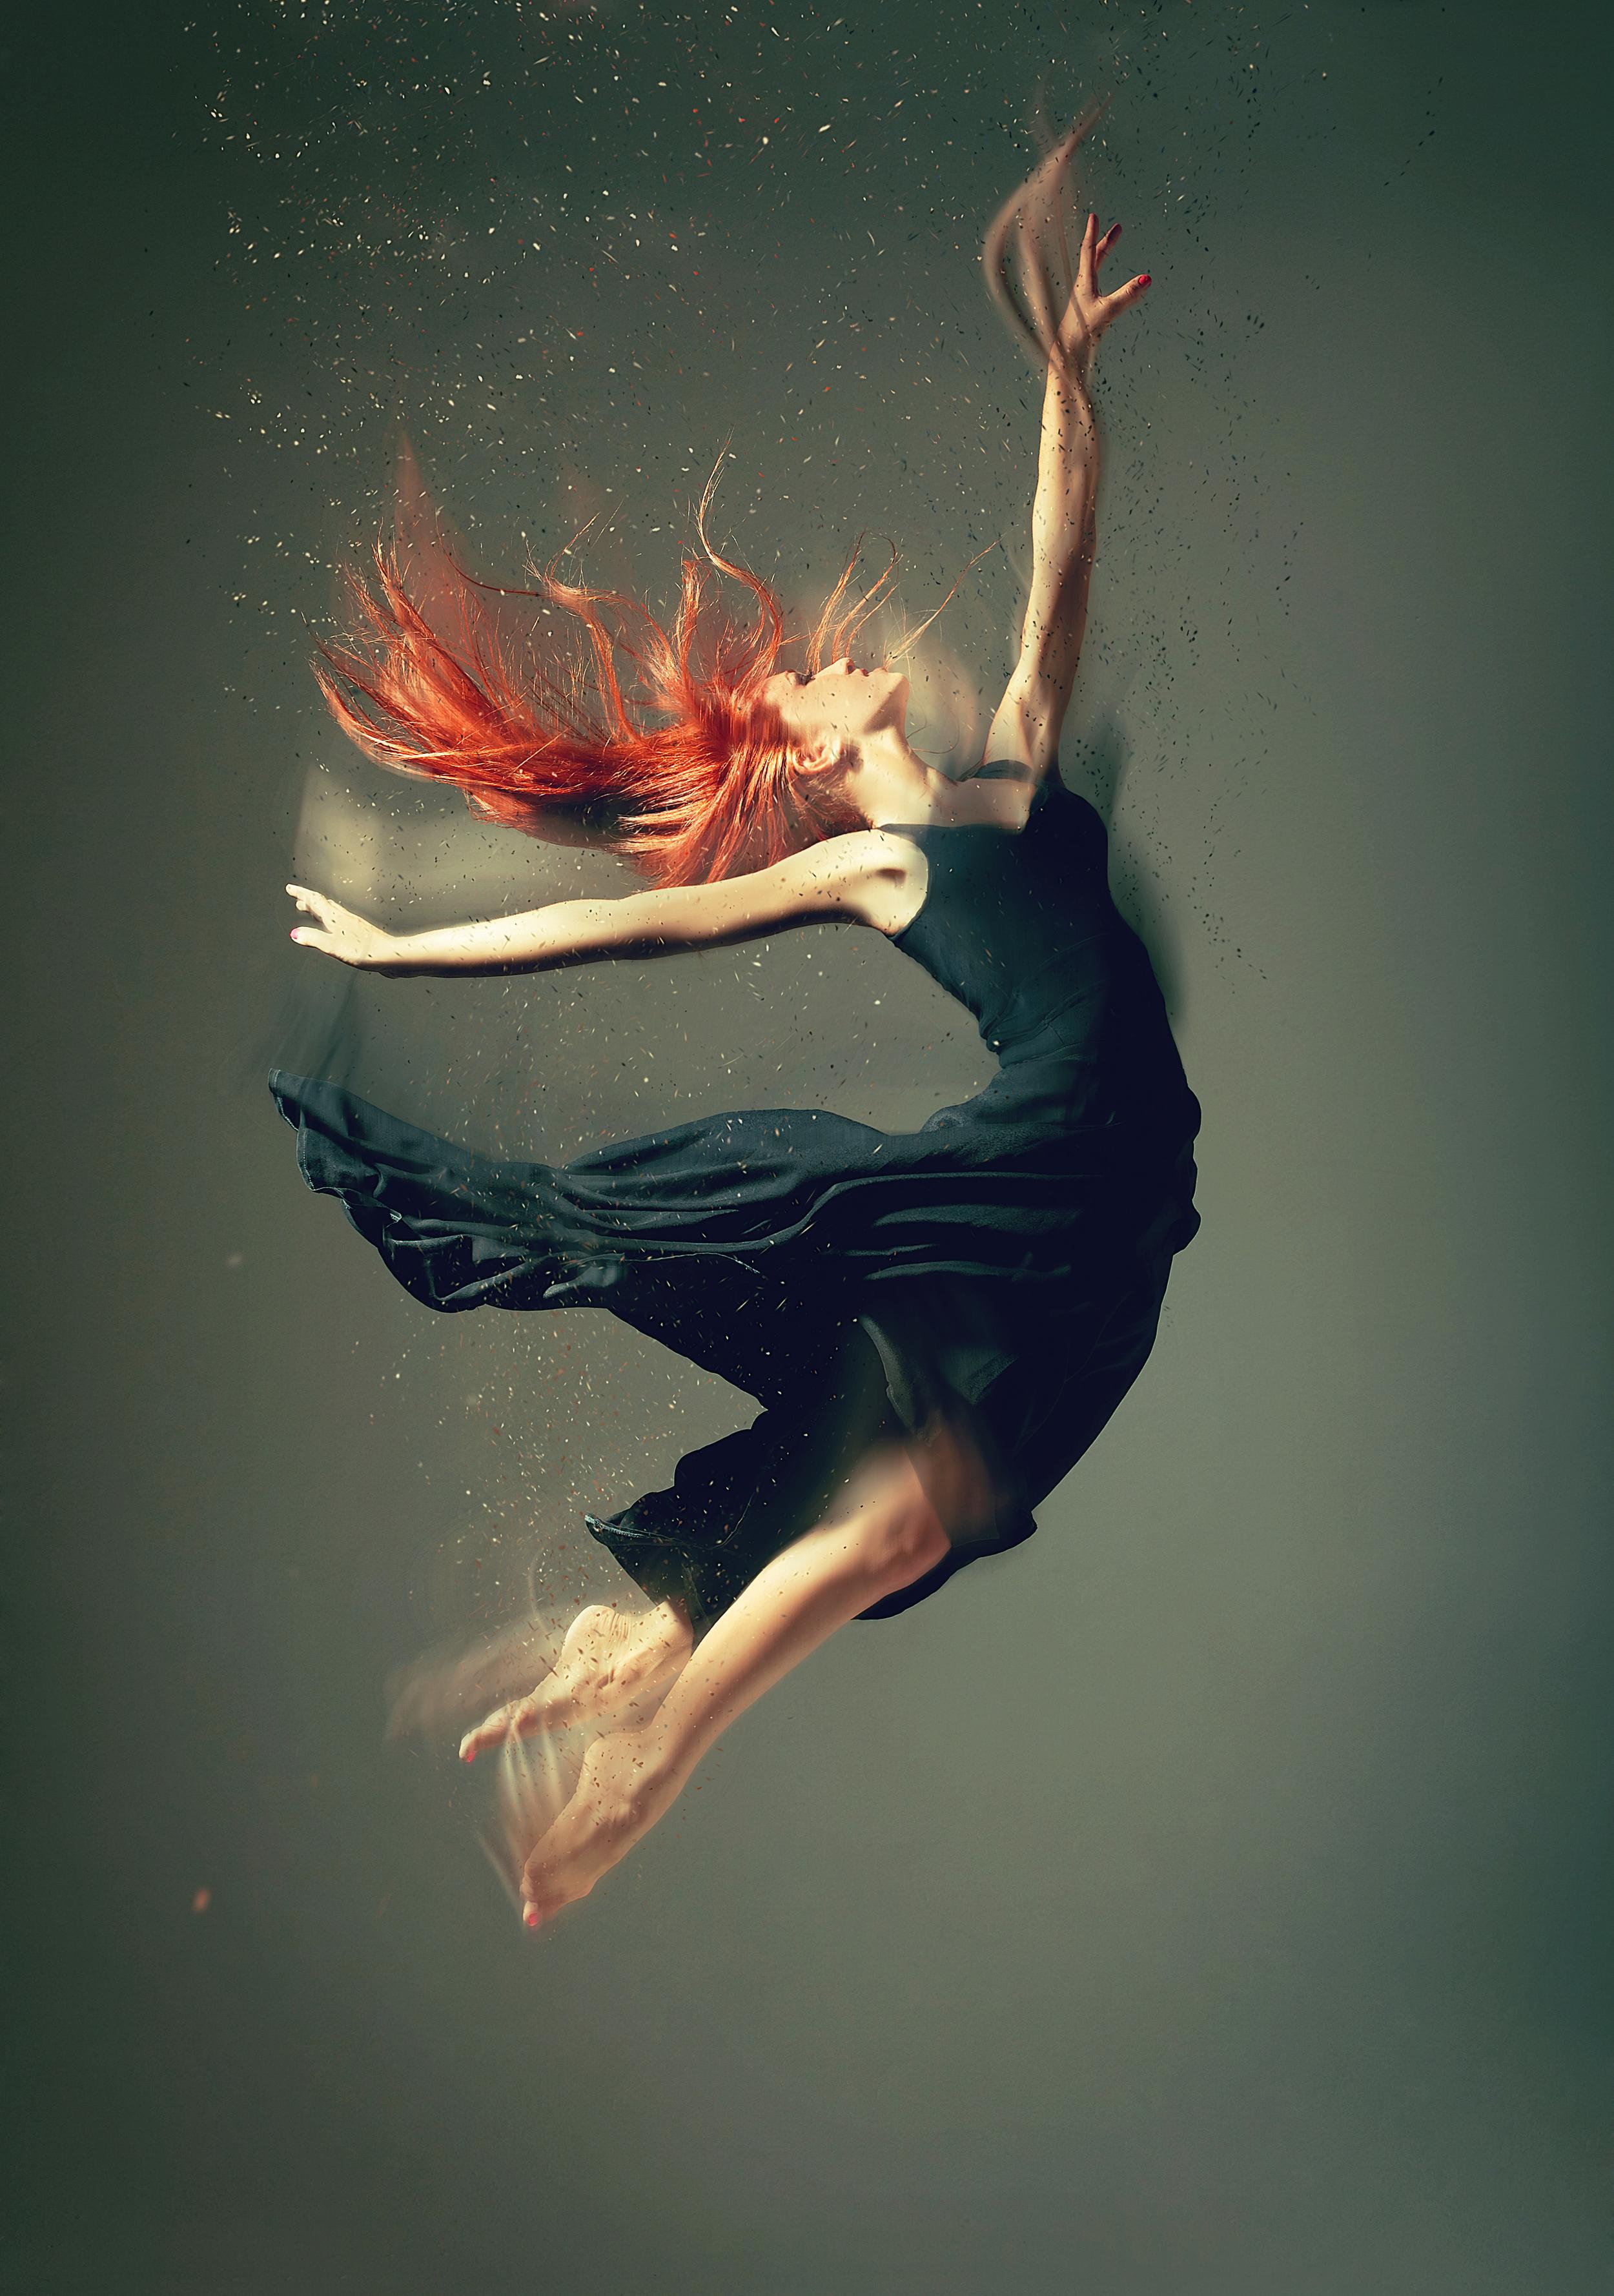 dancer_powder_3_crop.jpg